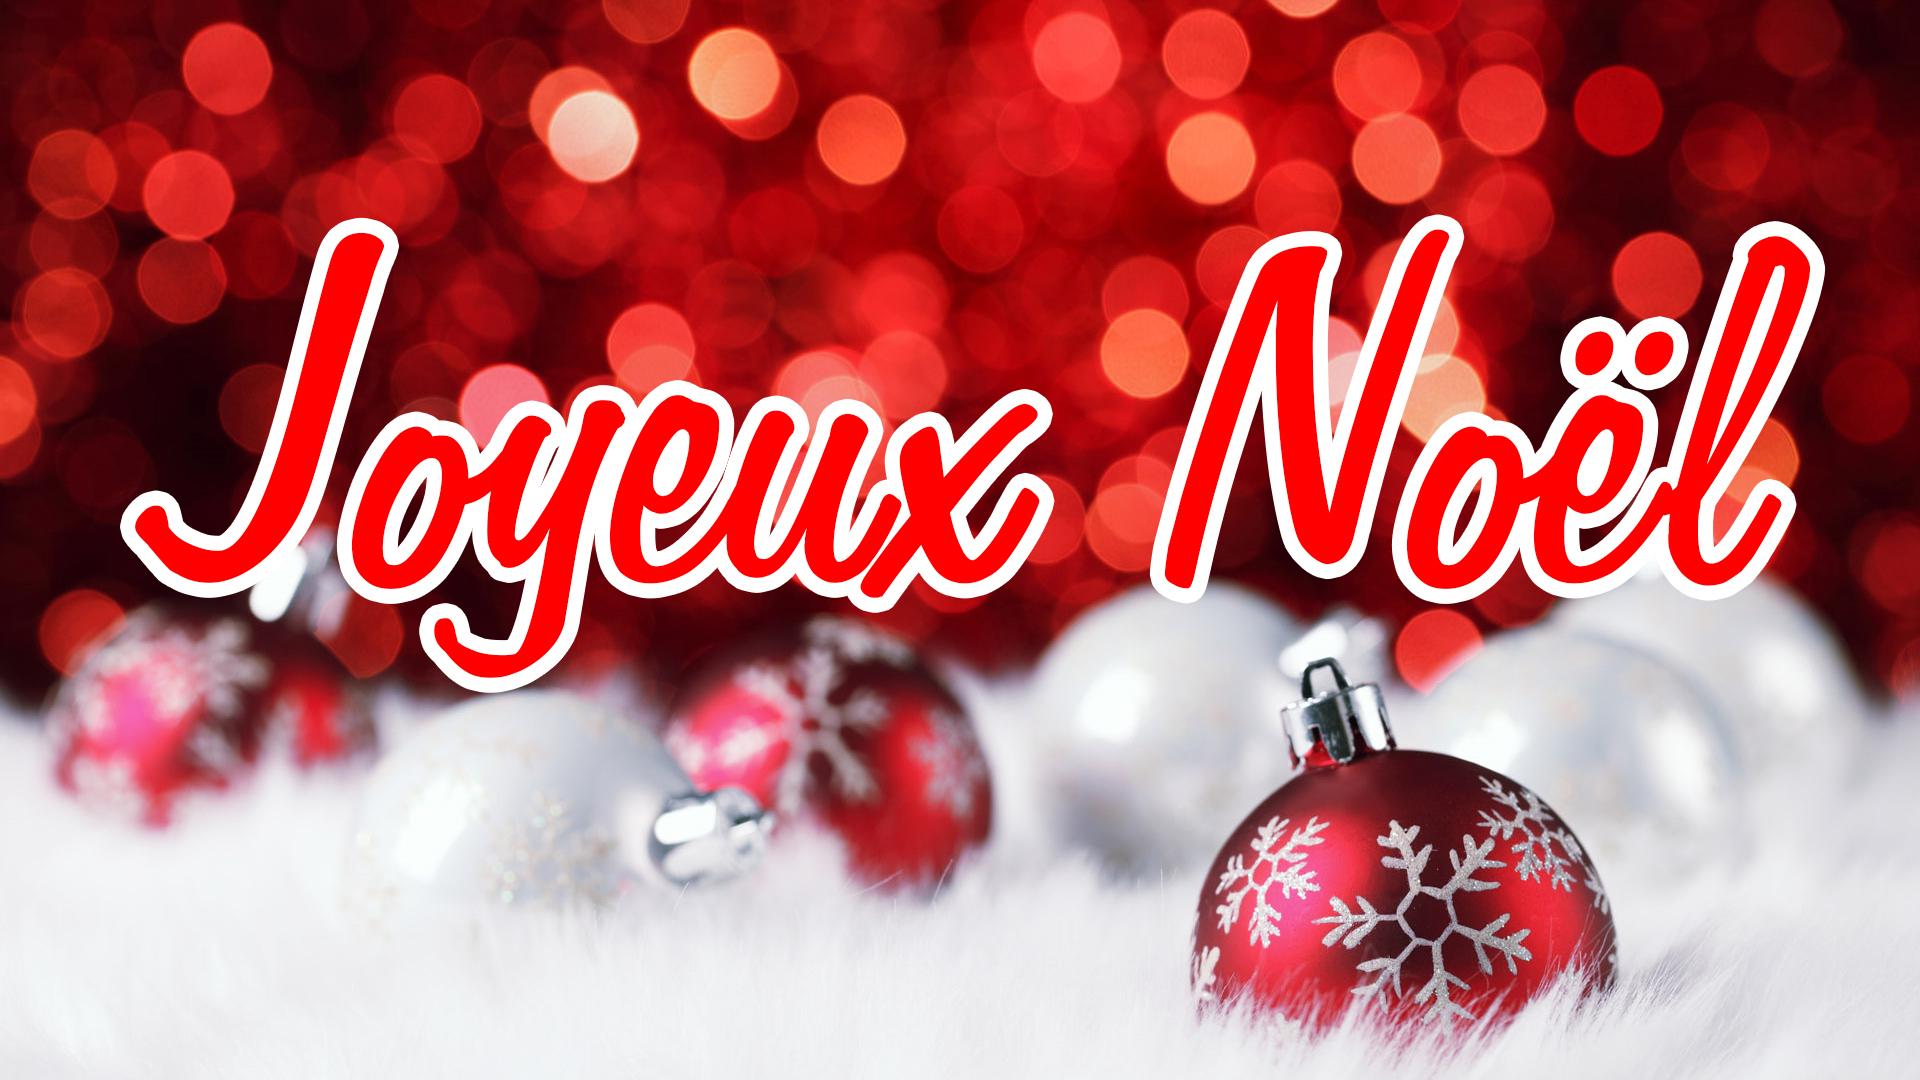 Fonds D'écran Joyeux Noël - MaximumWall